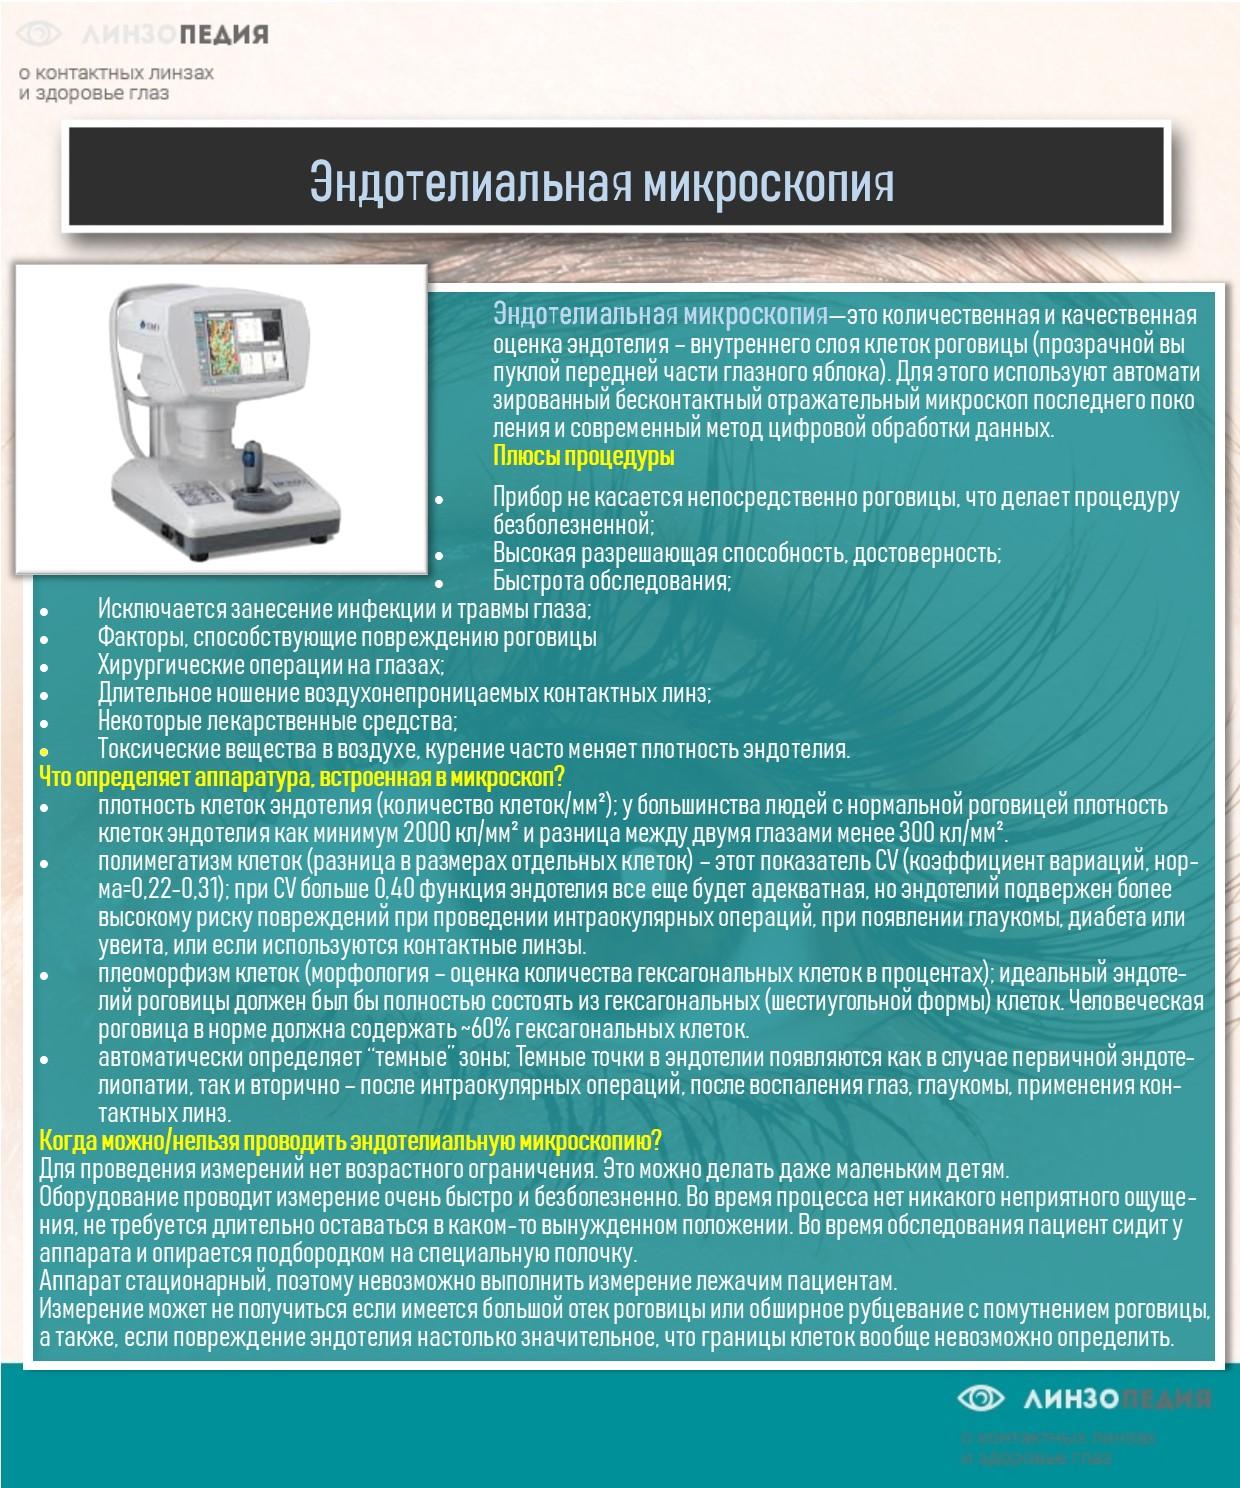 Эндотелиальная микроскопия роговицы